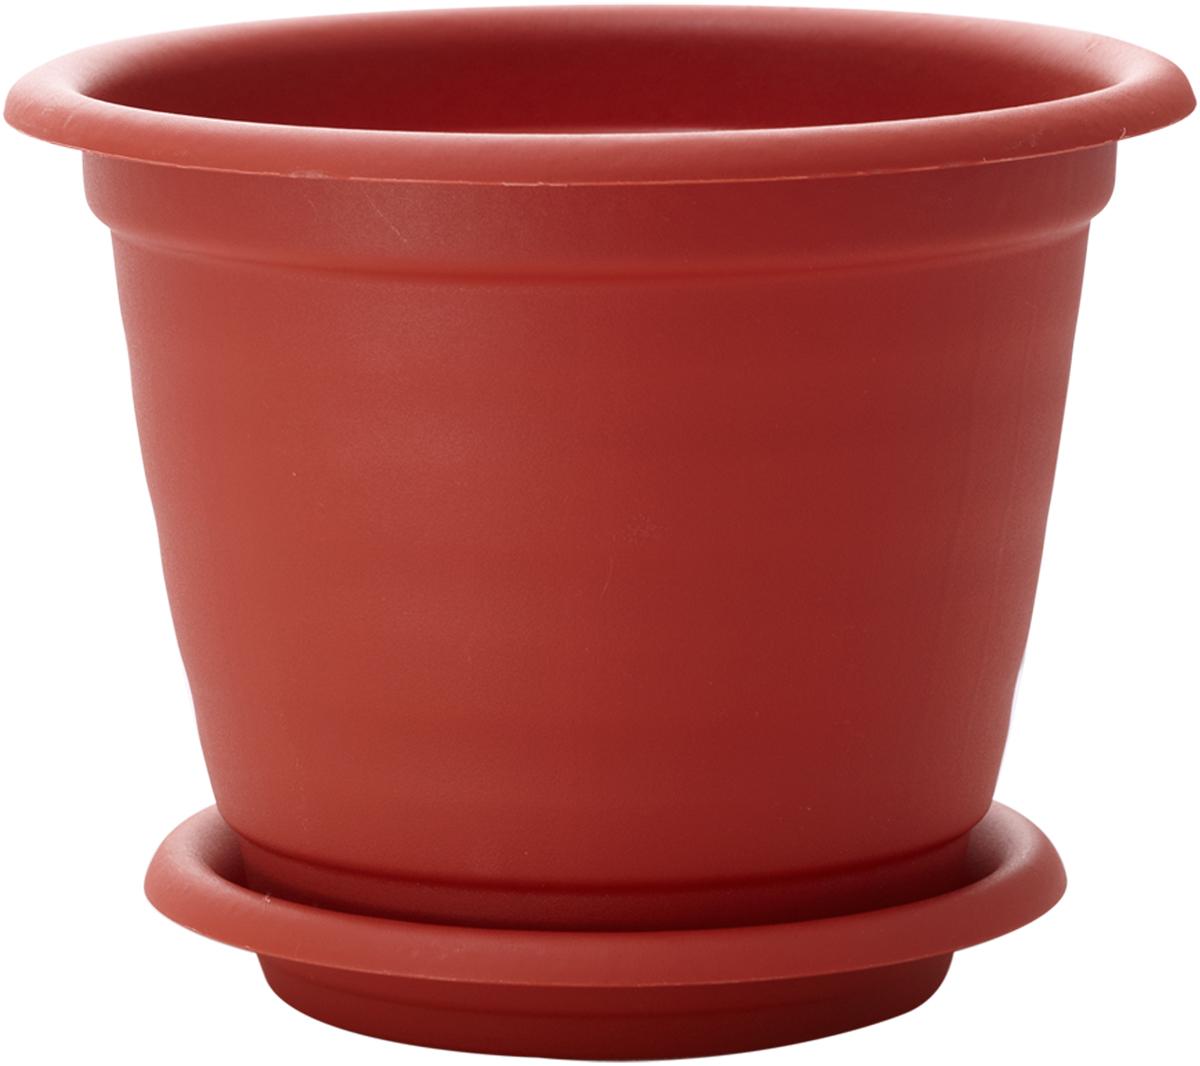 Горшок для цветов InGreen Натура, с поддоном, цвет: терракотовый, диаметр 21 смING43021FТРГоршок InGreen Натура, выполненный из высококачественного полипропилена (пластика), предназначен для выращивания комнатных цветов, растений и трав. Специальная конструкция обеспечивает вентиляцию в корневой системе растения, а дренажные отверстия позволяют выходить лишней влаге из почвы. Такой горшок порадует вас современным дизайном и функциональностью, а также оригинально украсит интерьер любого помещения. Диаметр горшка (по верхнему краю): 21 см. Высота горшка: 16,5 см.